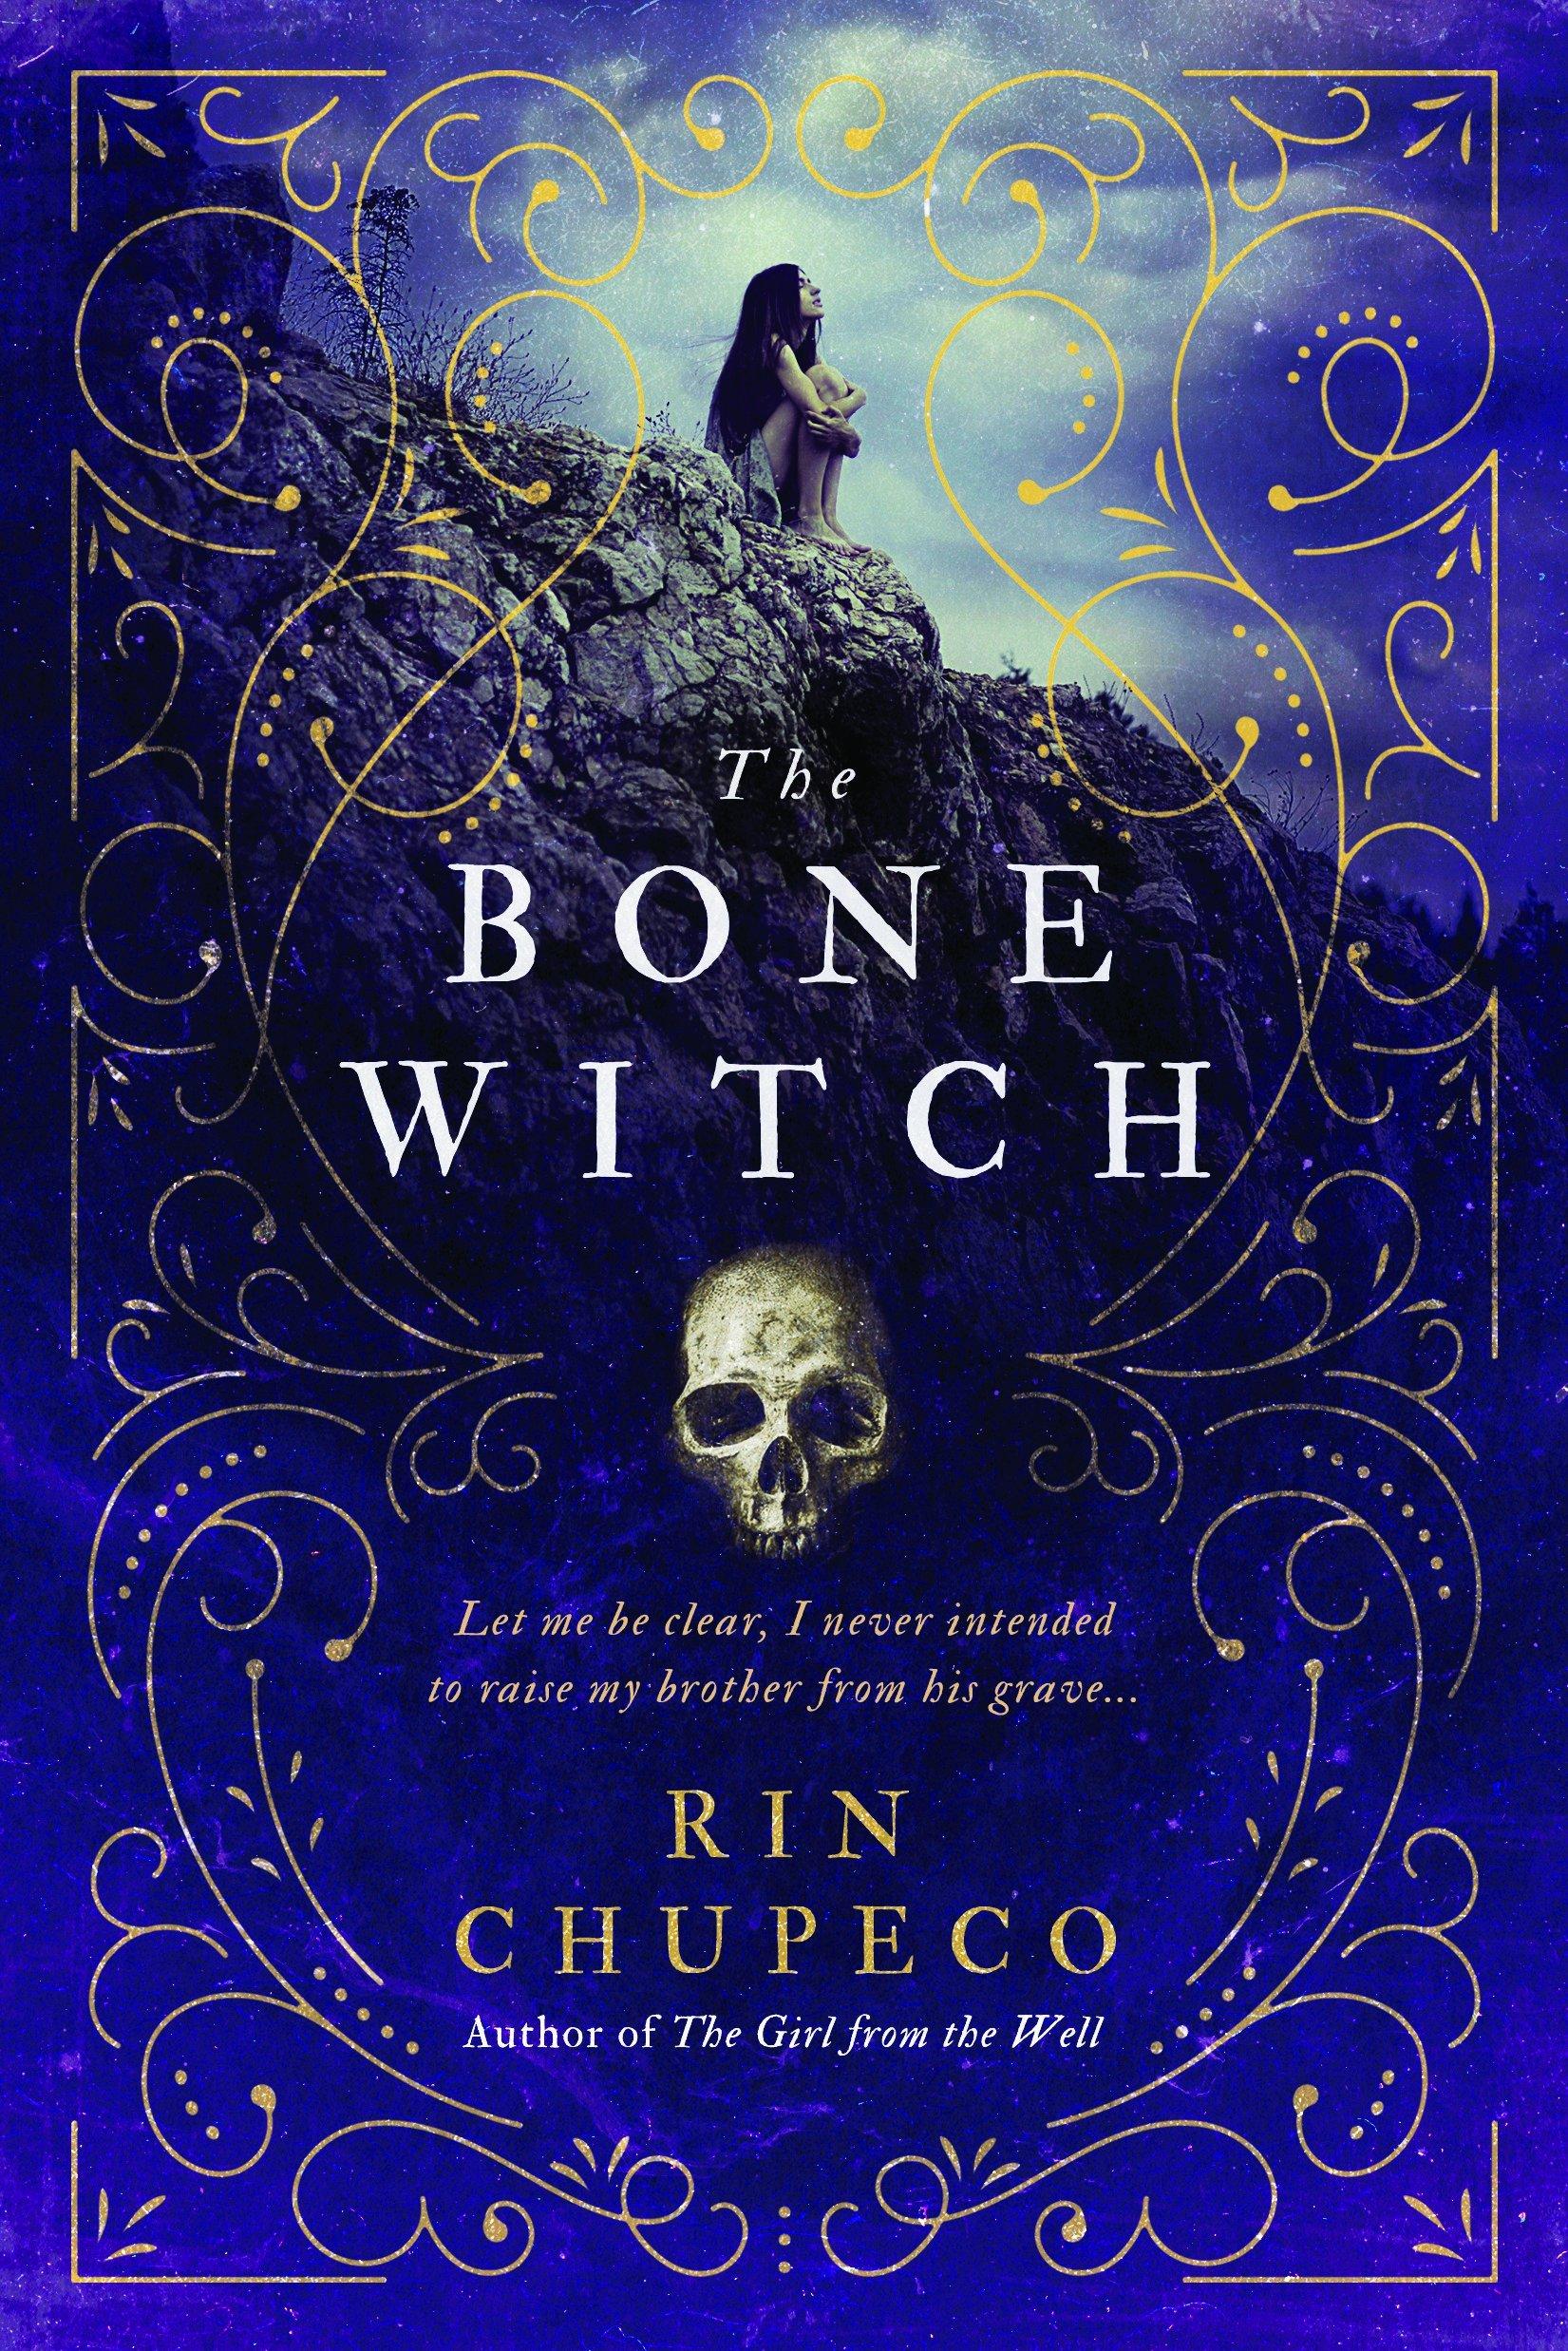 The Bone Witch Rin Chupeco.jpg